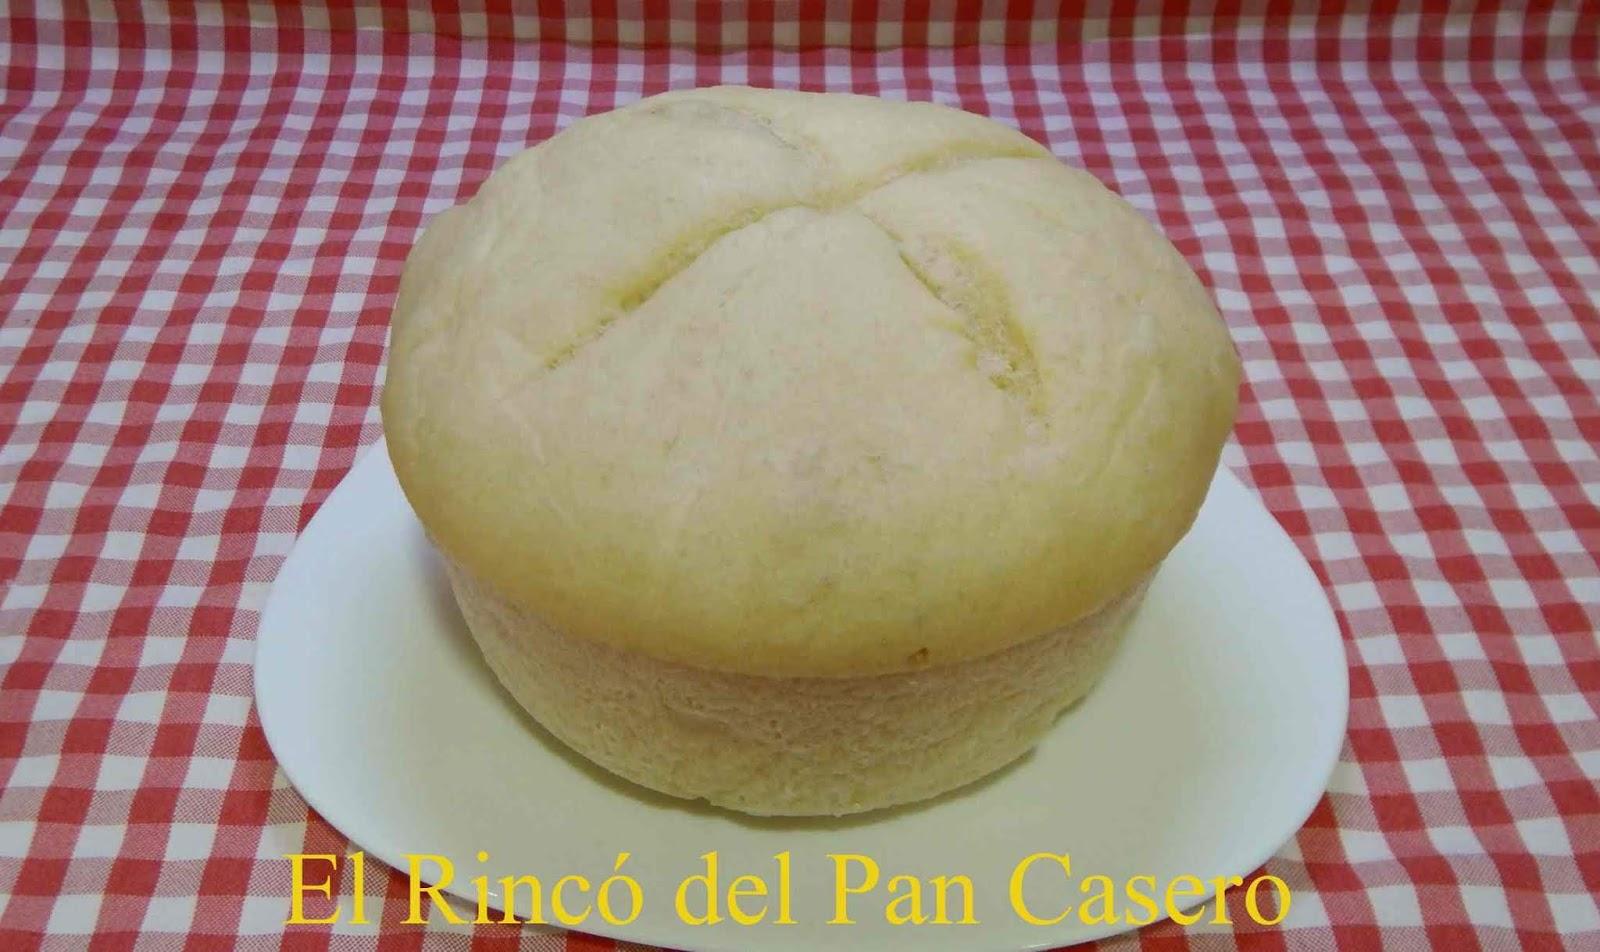 Receta Fácil De Pan Casero Al Microondas Cocinado En 10 Minutos Muy Esponjoso, Tierno Y Sin Corteza